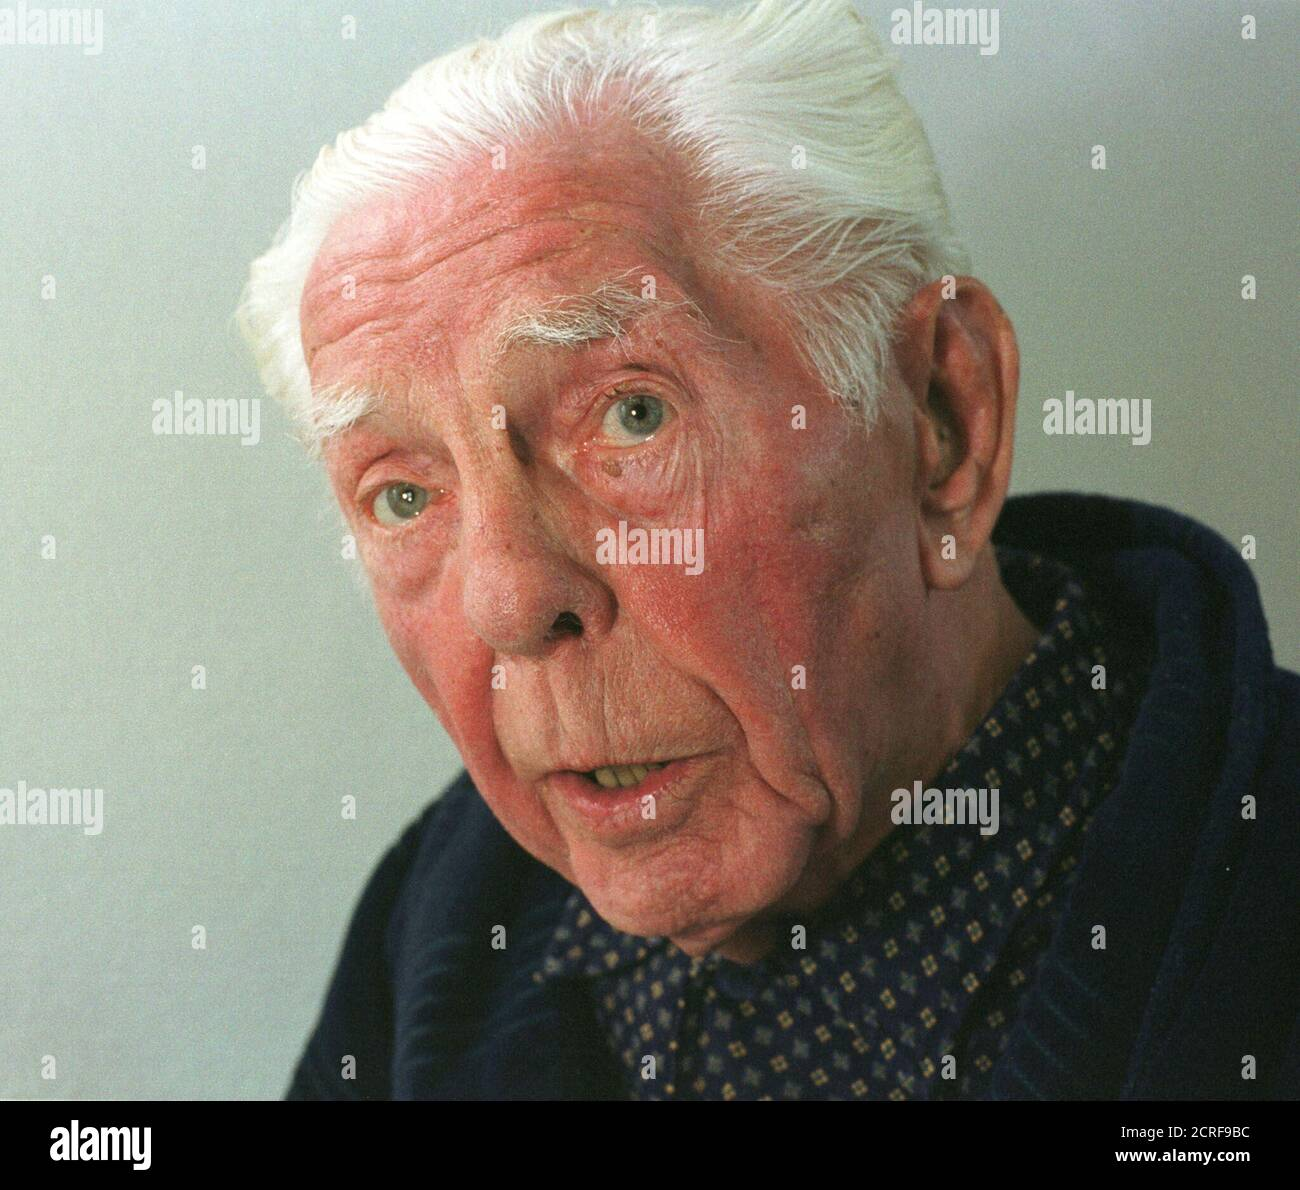 """Fritz Hippler, un antiguo miembro ardiente del partido nazi de 92 años y jefe del departamento de propaganda cinematográfica del Reichs, es visto durante una entrevista de Reuters en su sala de hospital en la ciudad alpina de Berchtesgaden, cerca de Salzburgo, el 5 de diciembre de 2000. El hombre que hizo la película antisemita """"el judío eterno"""", la película de odio más notoria jamás hecha, dijo que la película puede ser considerada un hito para el Holocausto. WR Foto de stock"""